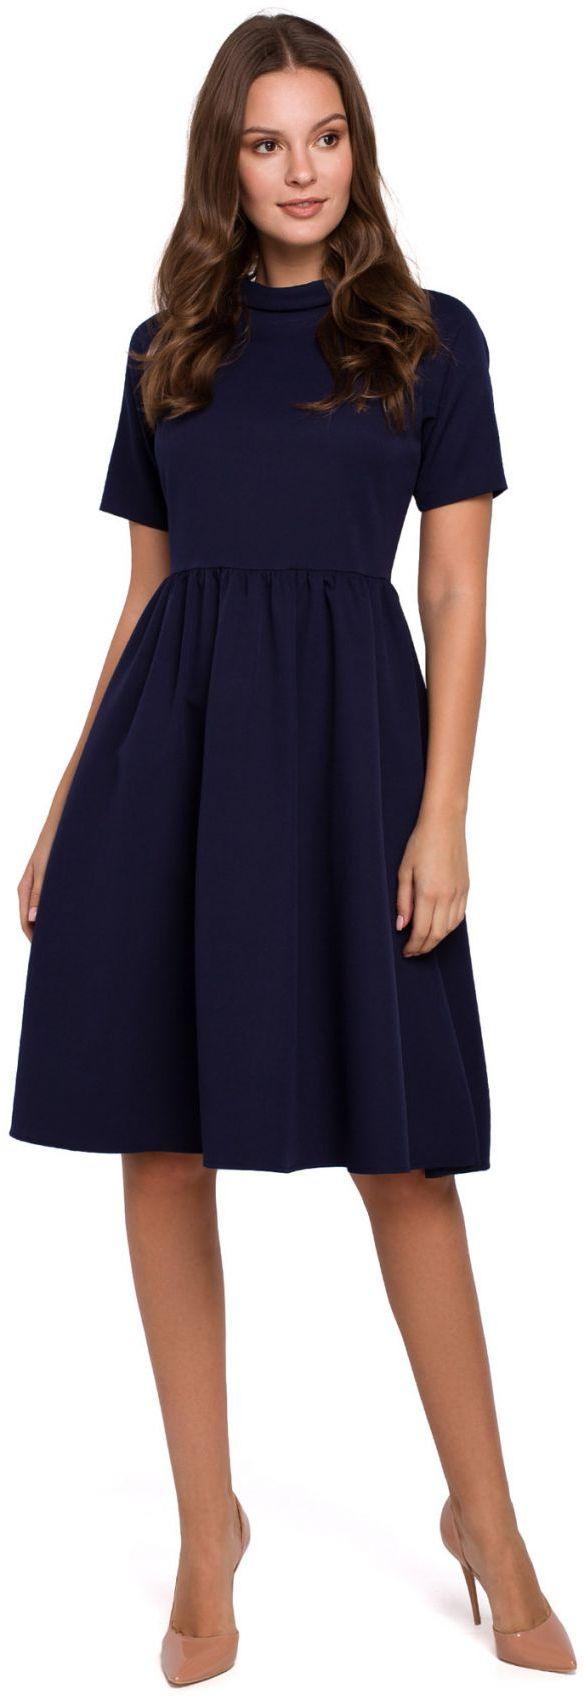 K028 Sukienka z wywiniętą stójką - atramentowa